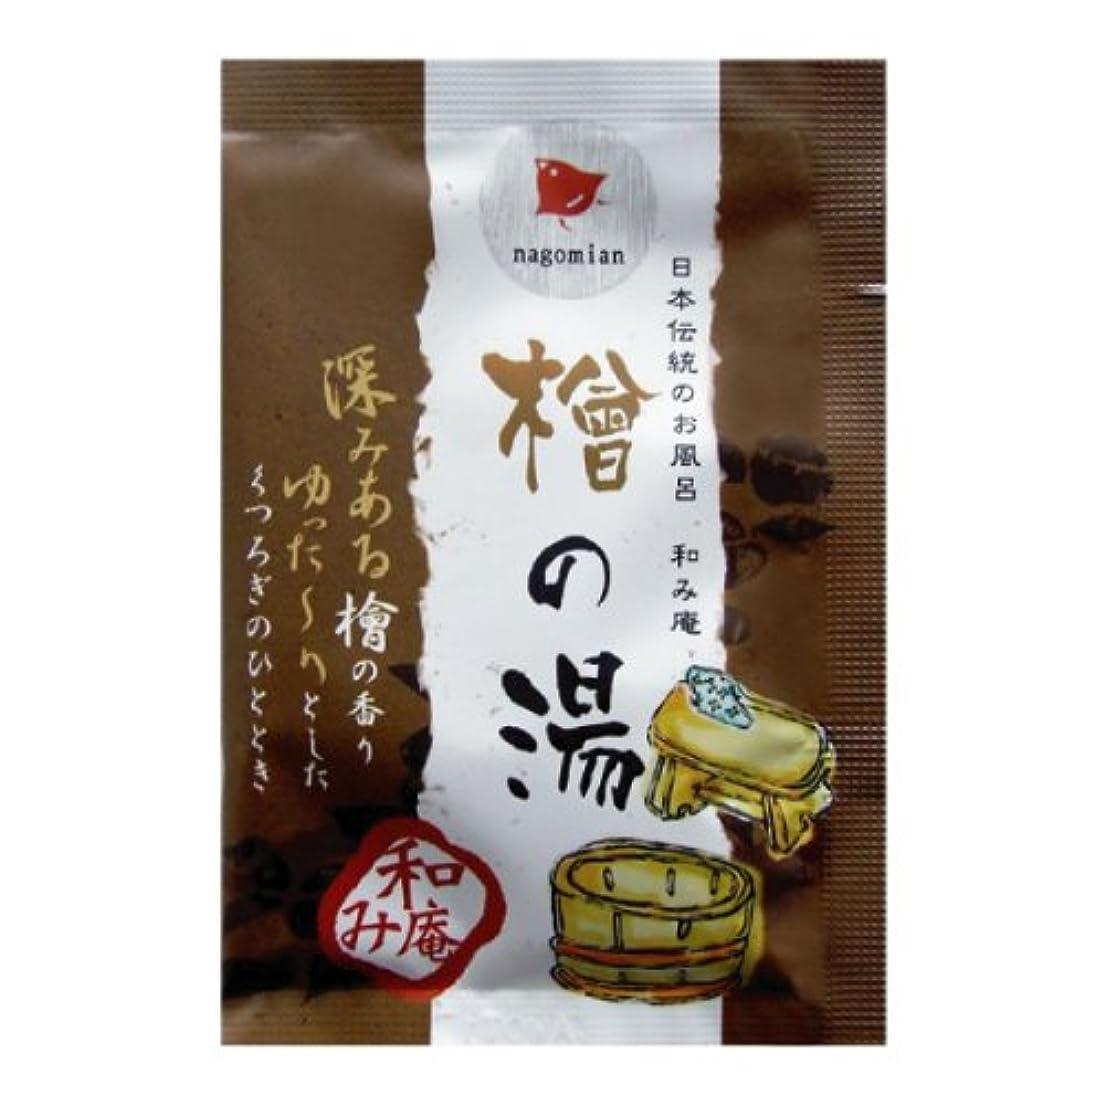 残酷な強盗ニッケル日本伝統のお風呂 和み庵 檜の湯 200包